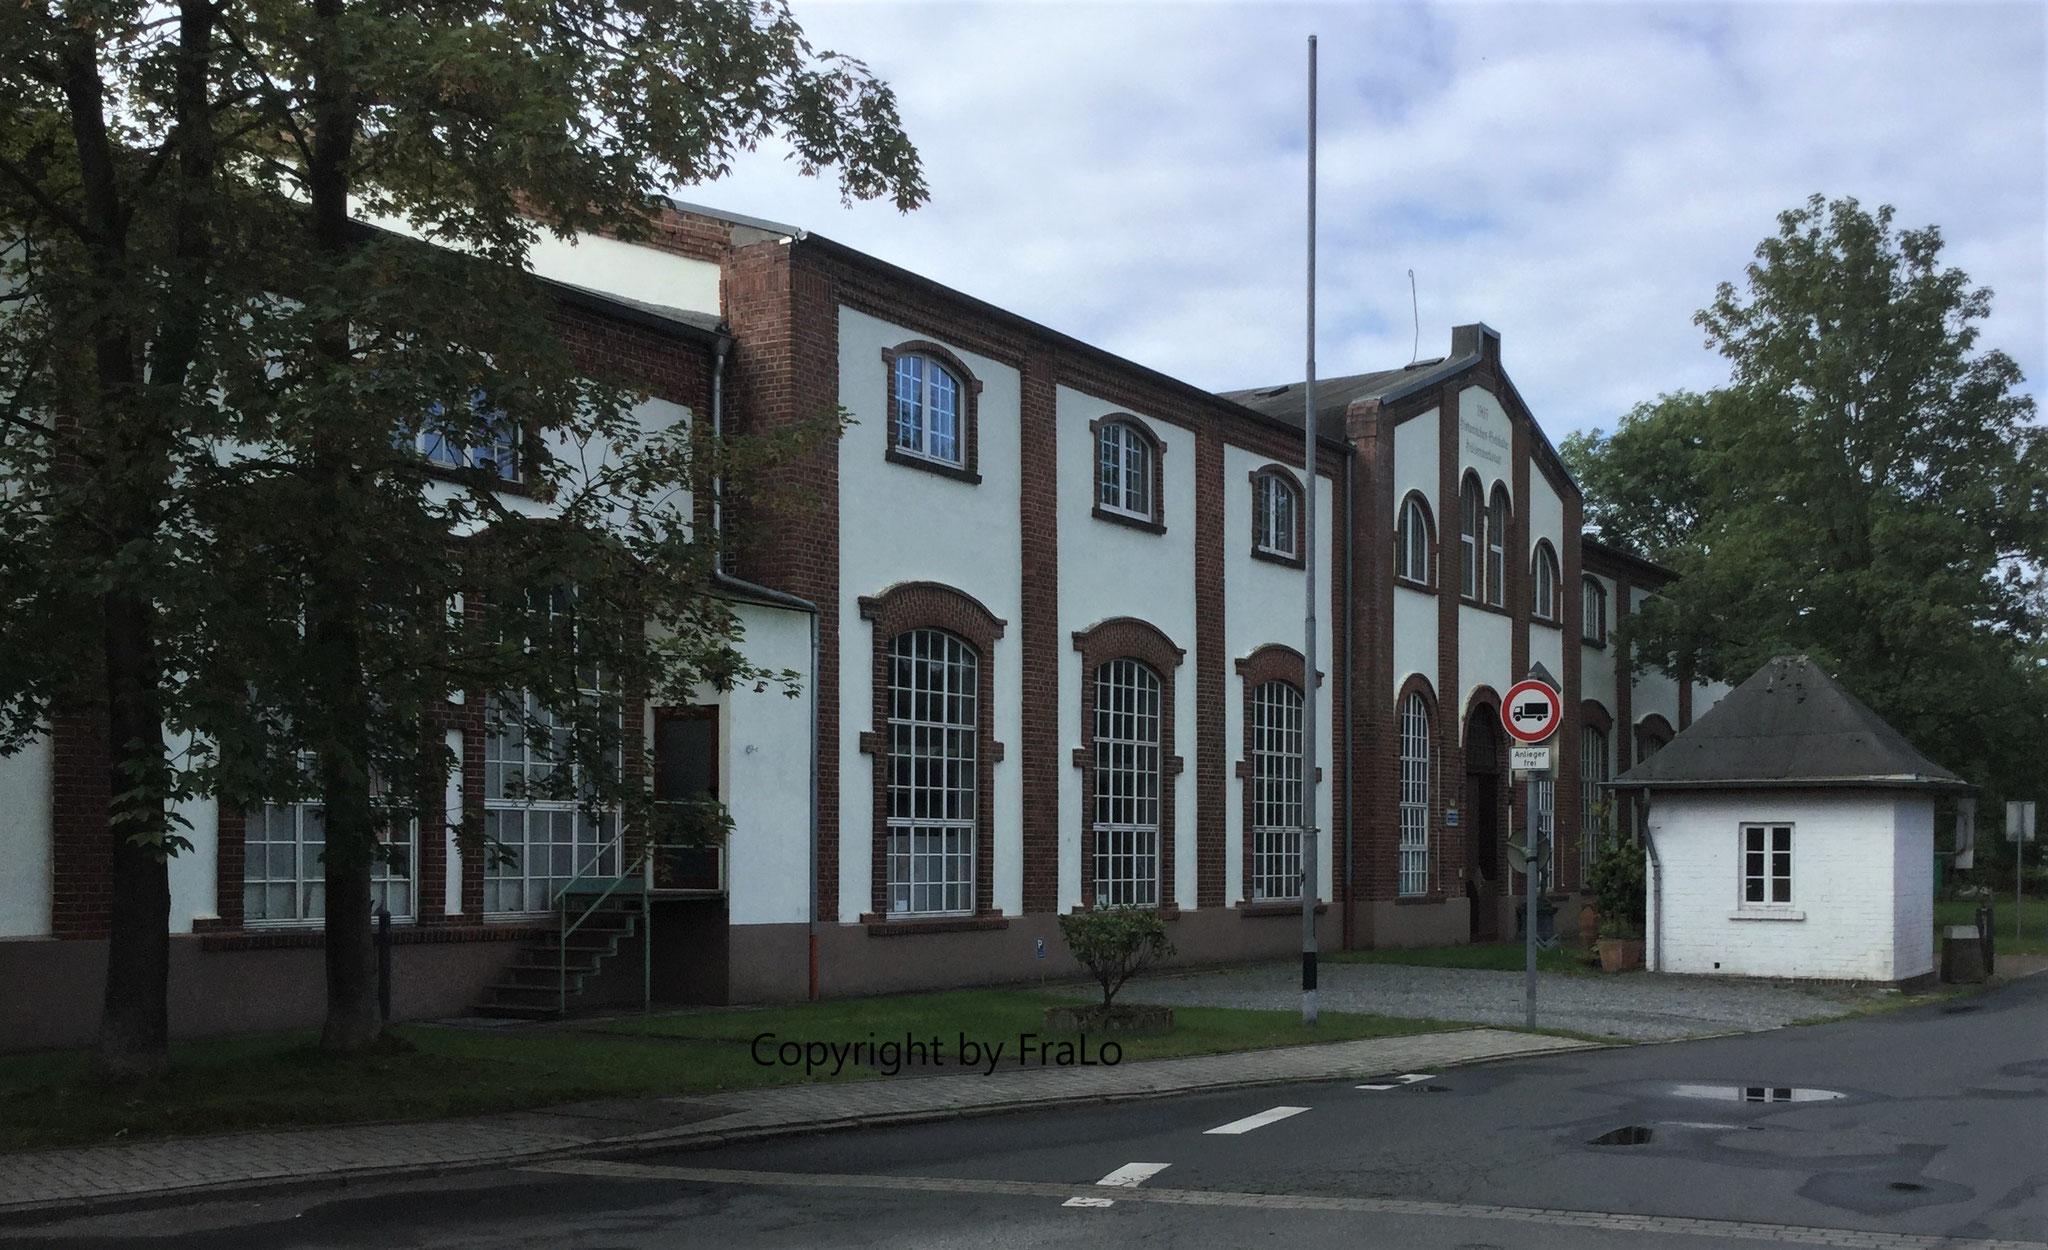 Hülsenwerkstatt an der Planckstraße, Ansicht von Nordost. Rechts ein Bahnwärterhäuschen.